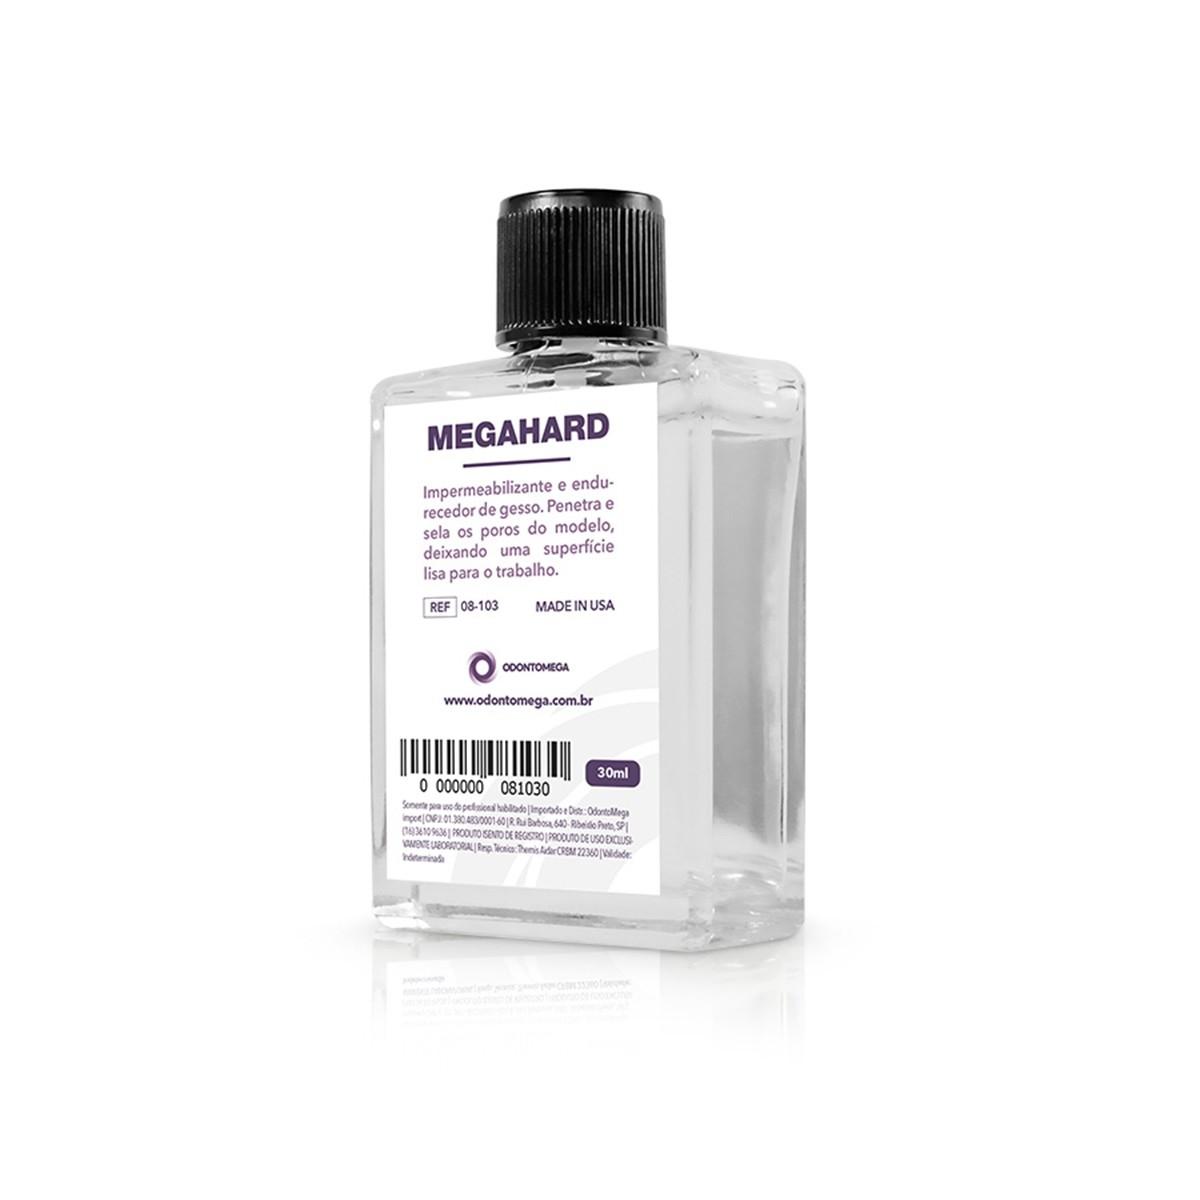 MegaHard Impermeabilizante e endurecedor de gesso Odonto Mega- Ref 08-103